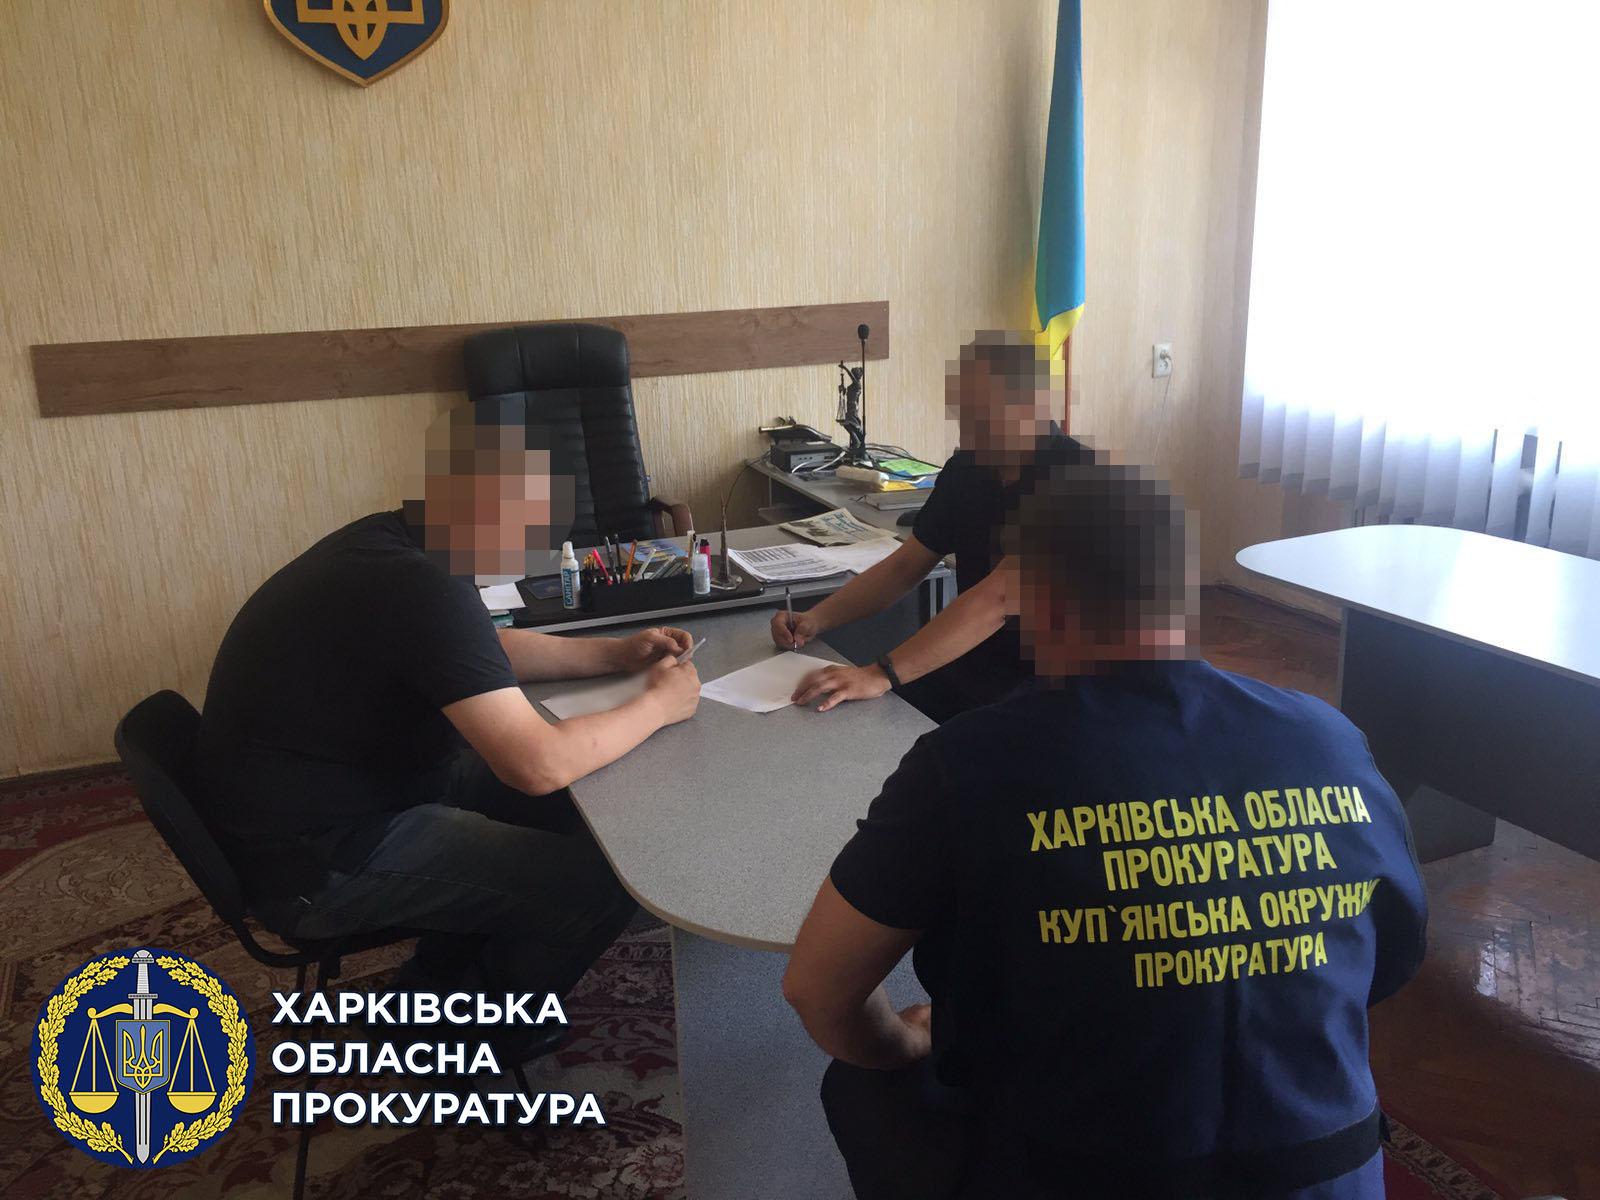 300 000 гривен переплатили за строительство футбольного поля на Харьковщине